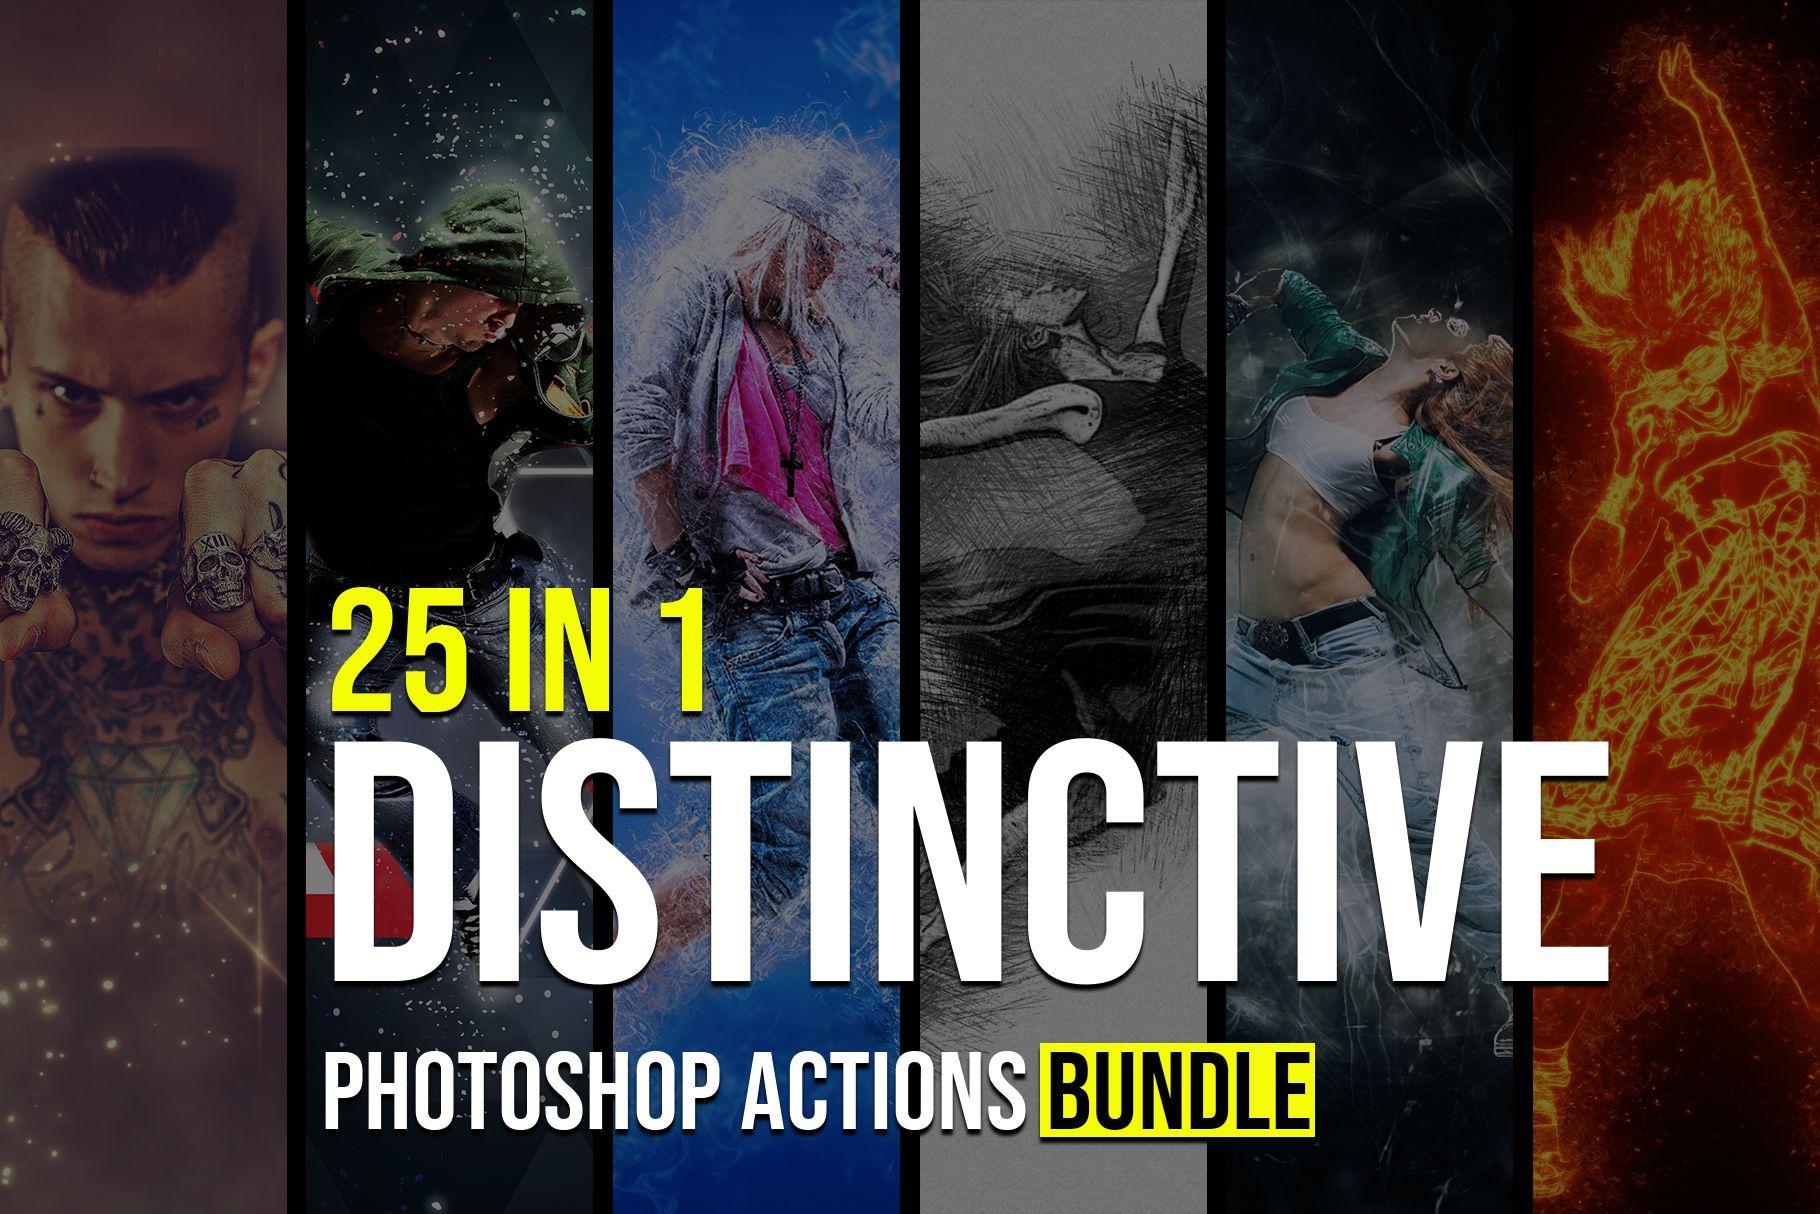 25个独特的PS动作合集 Distinctive Photoshop Actions Bundle